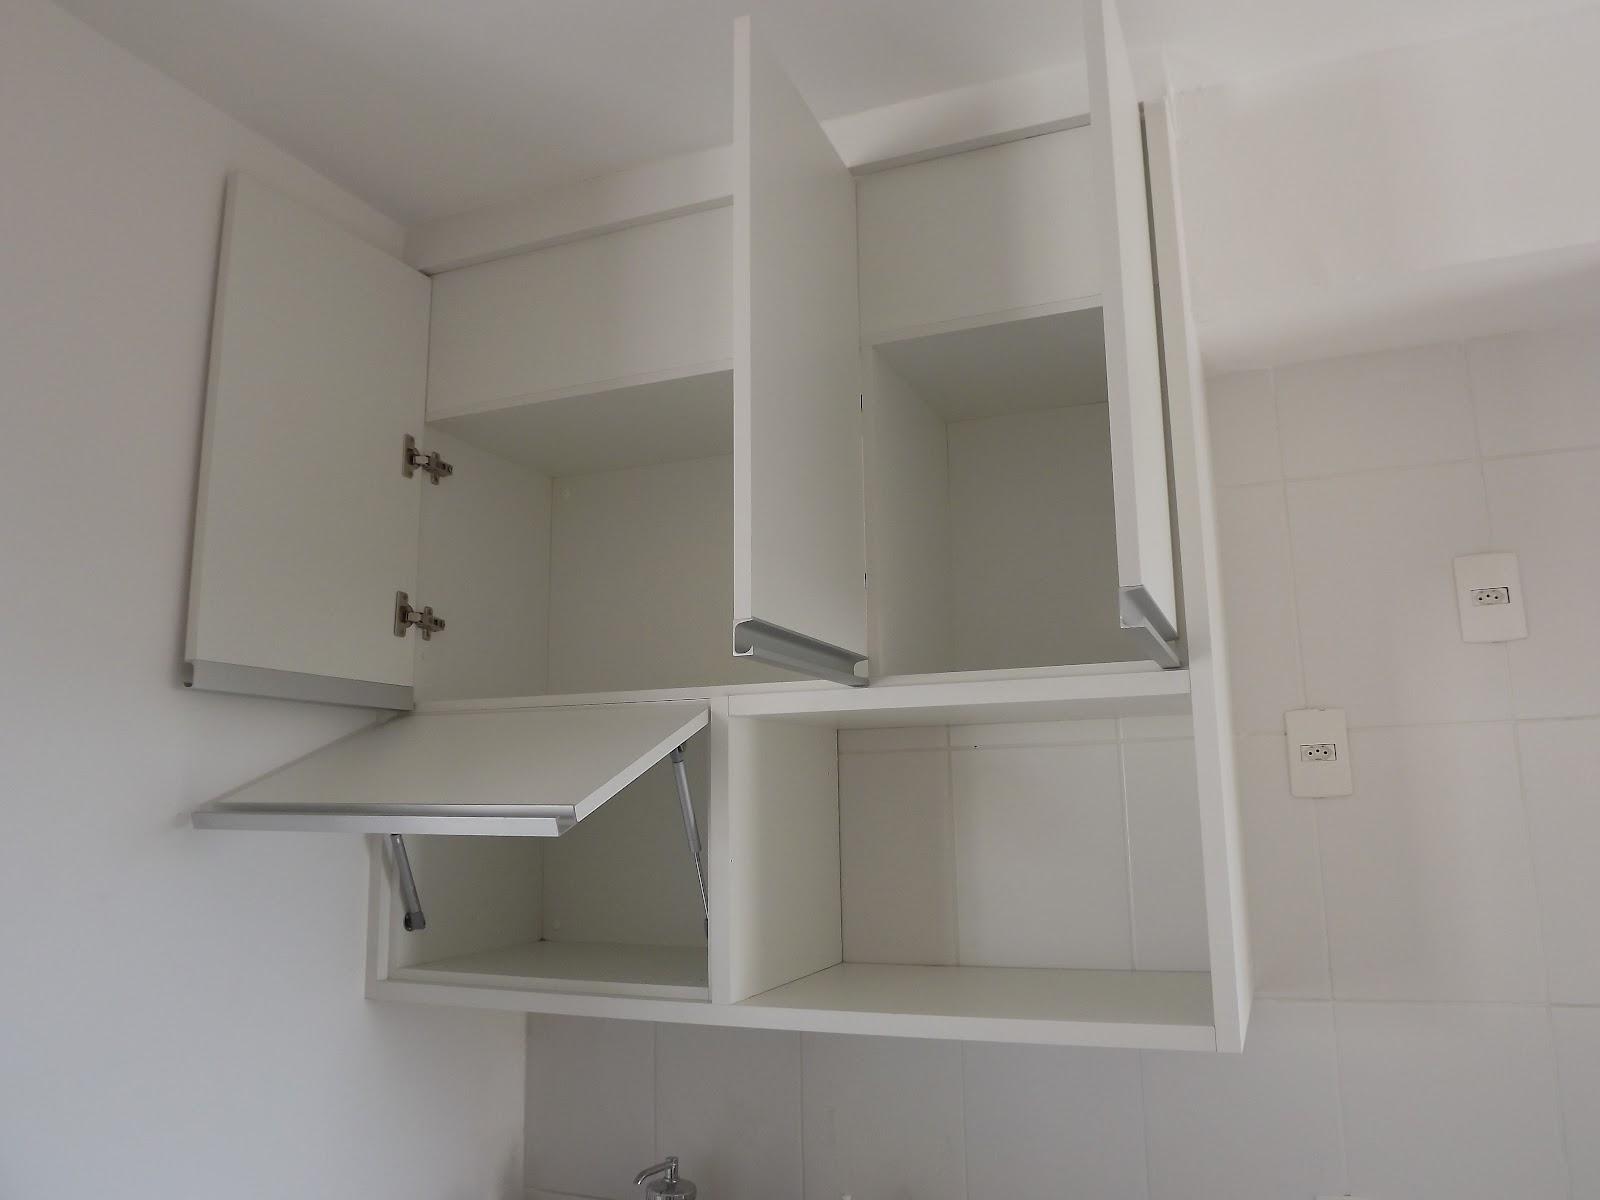 armário possui 3 portas na parte superior e na inferior um lado  #49453E 1600x1200 Armario Banheiro Suspenso